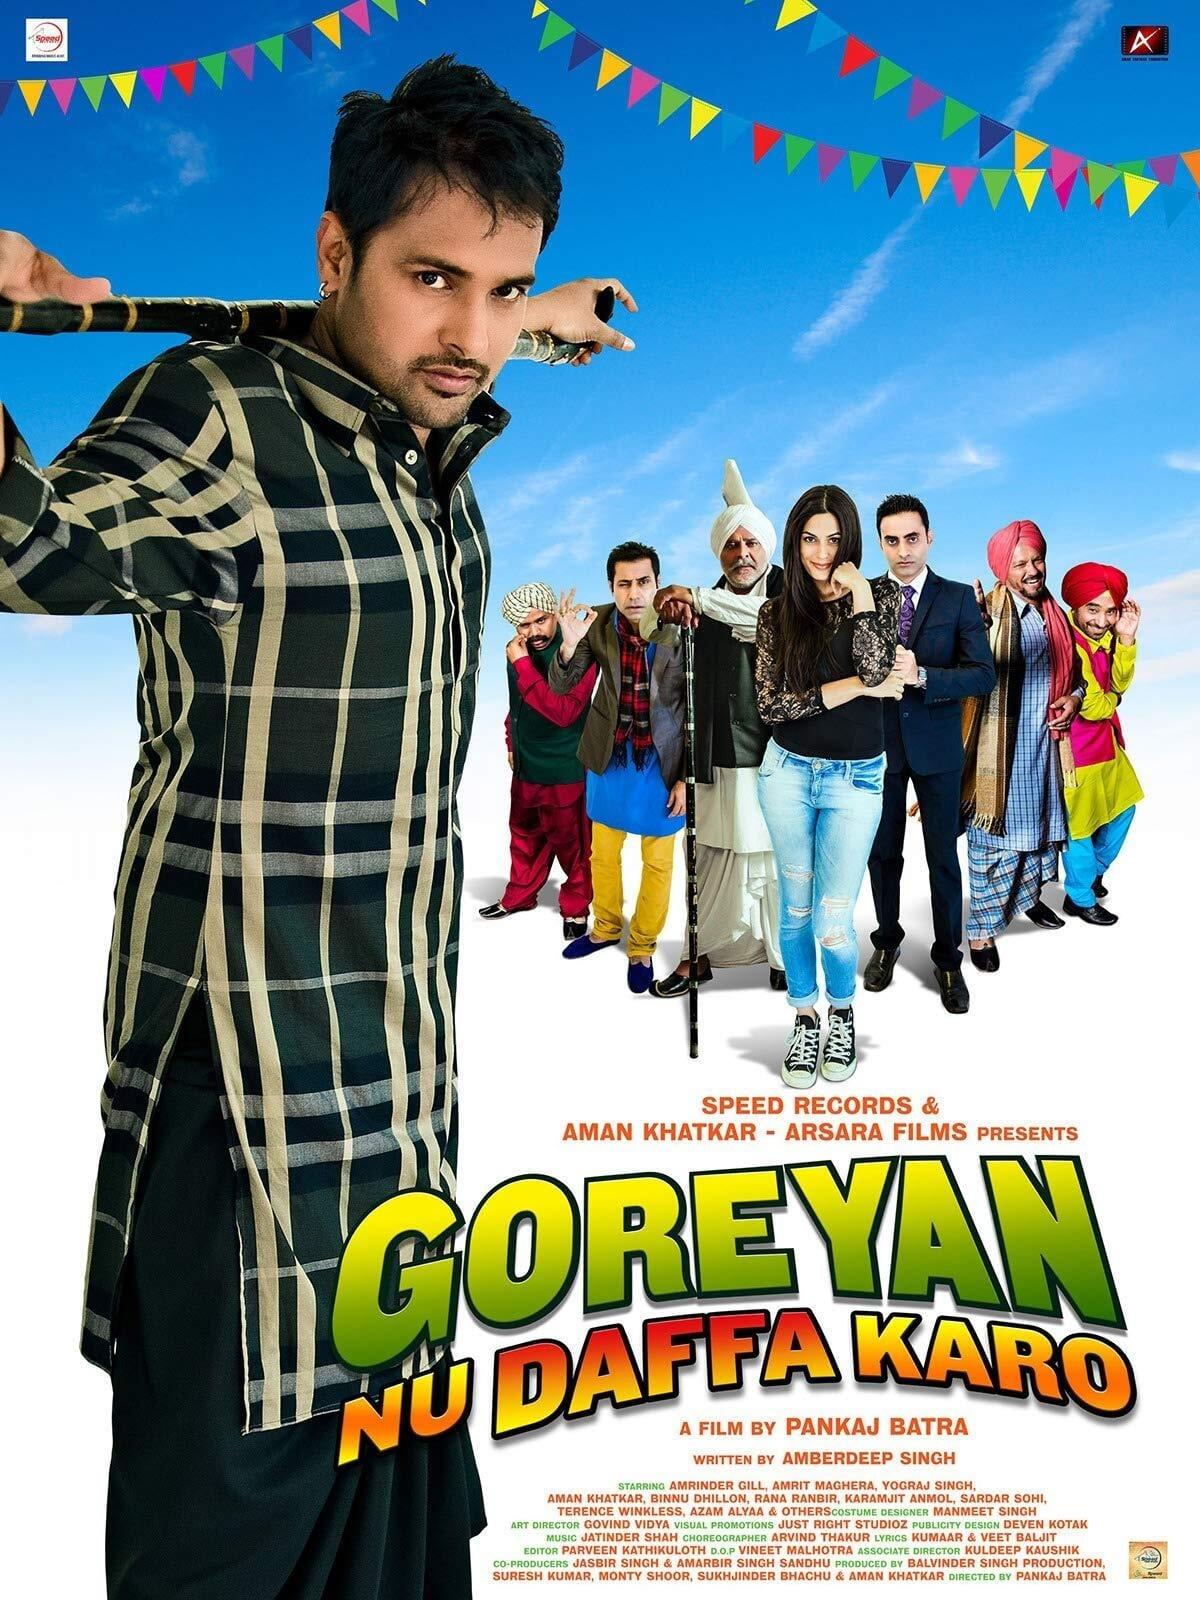 Goreyan Nu Daffa Karo